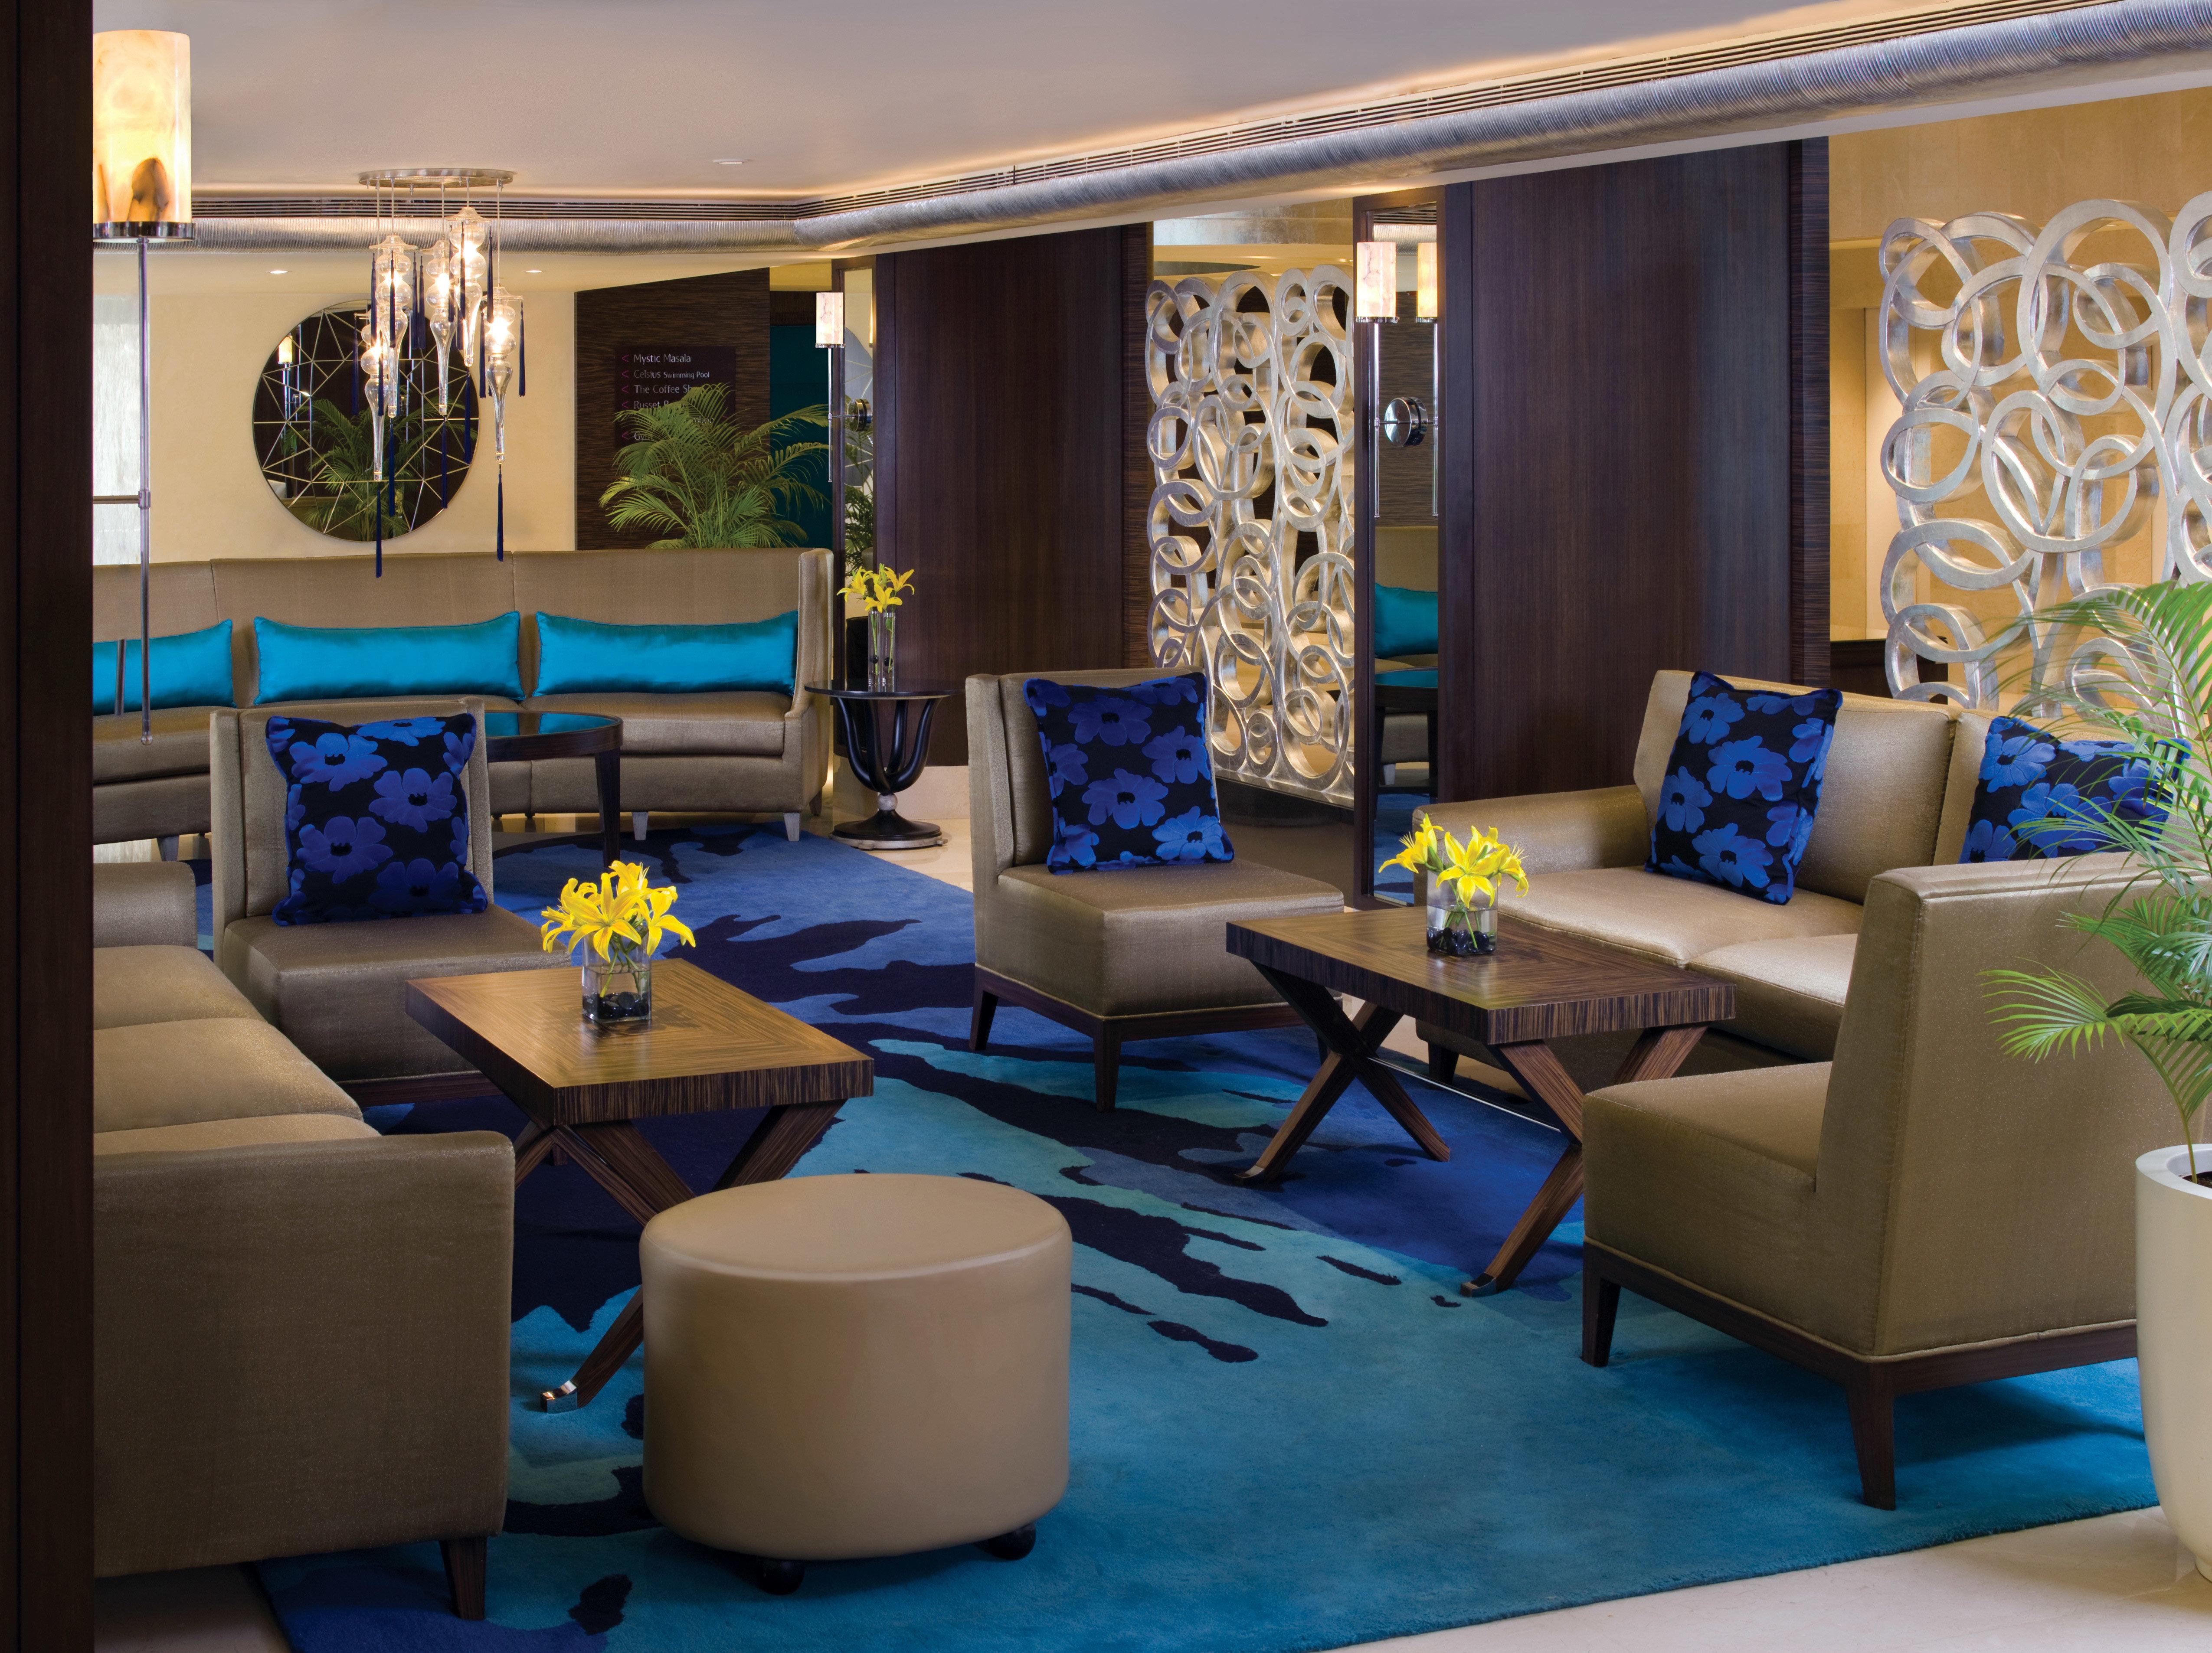 Classic Lounge Resort living room property home Suite condominium